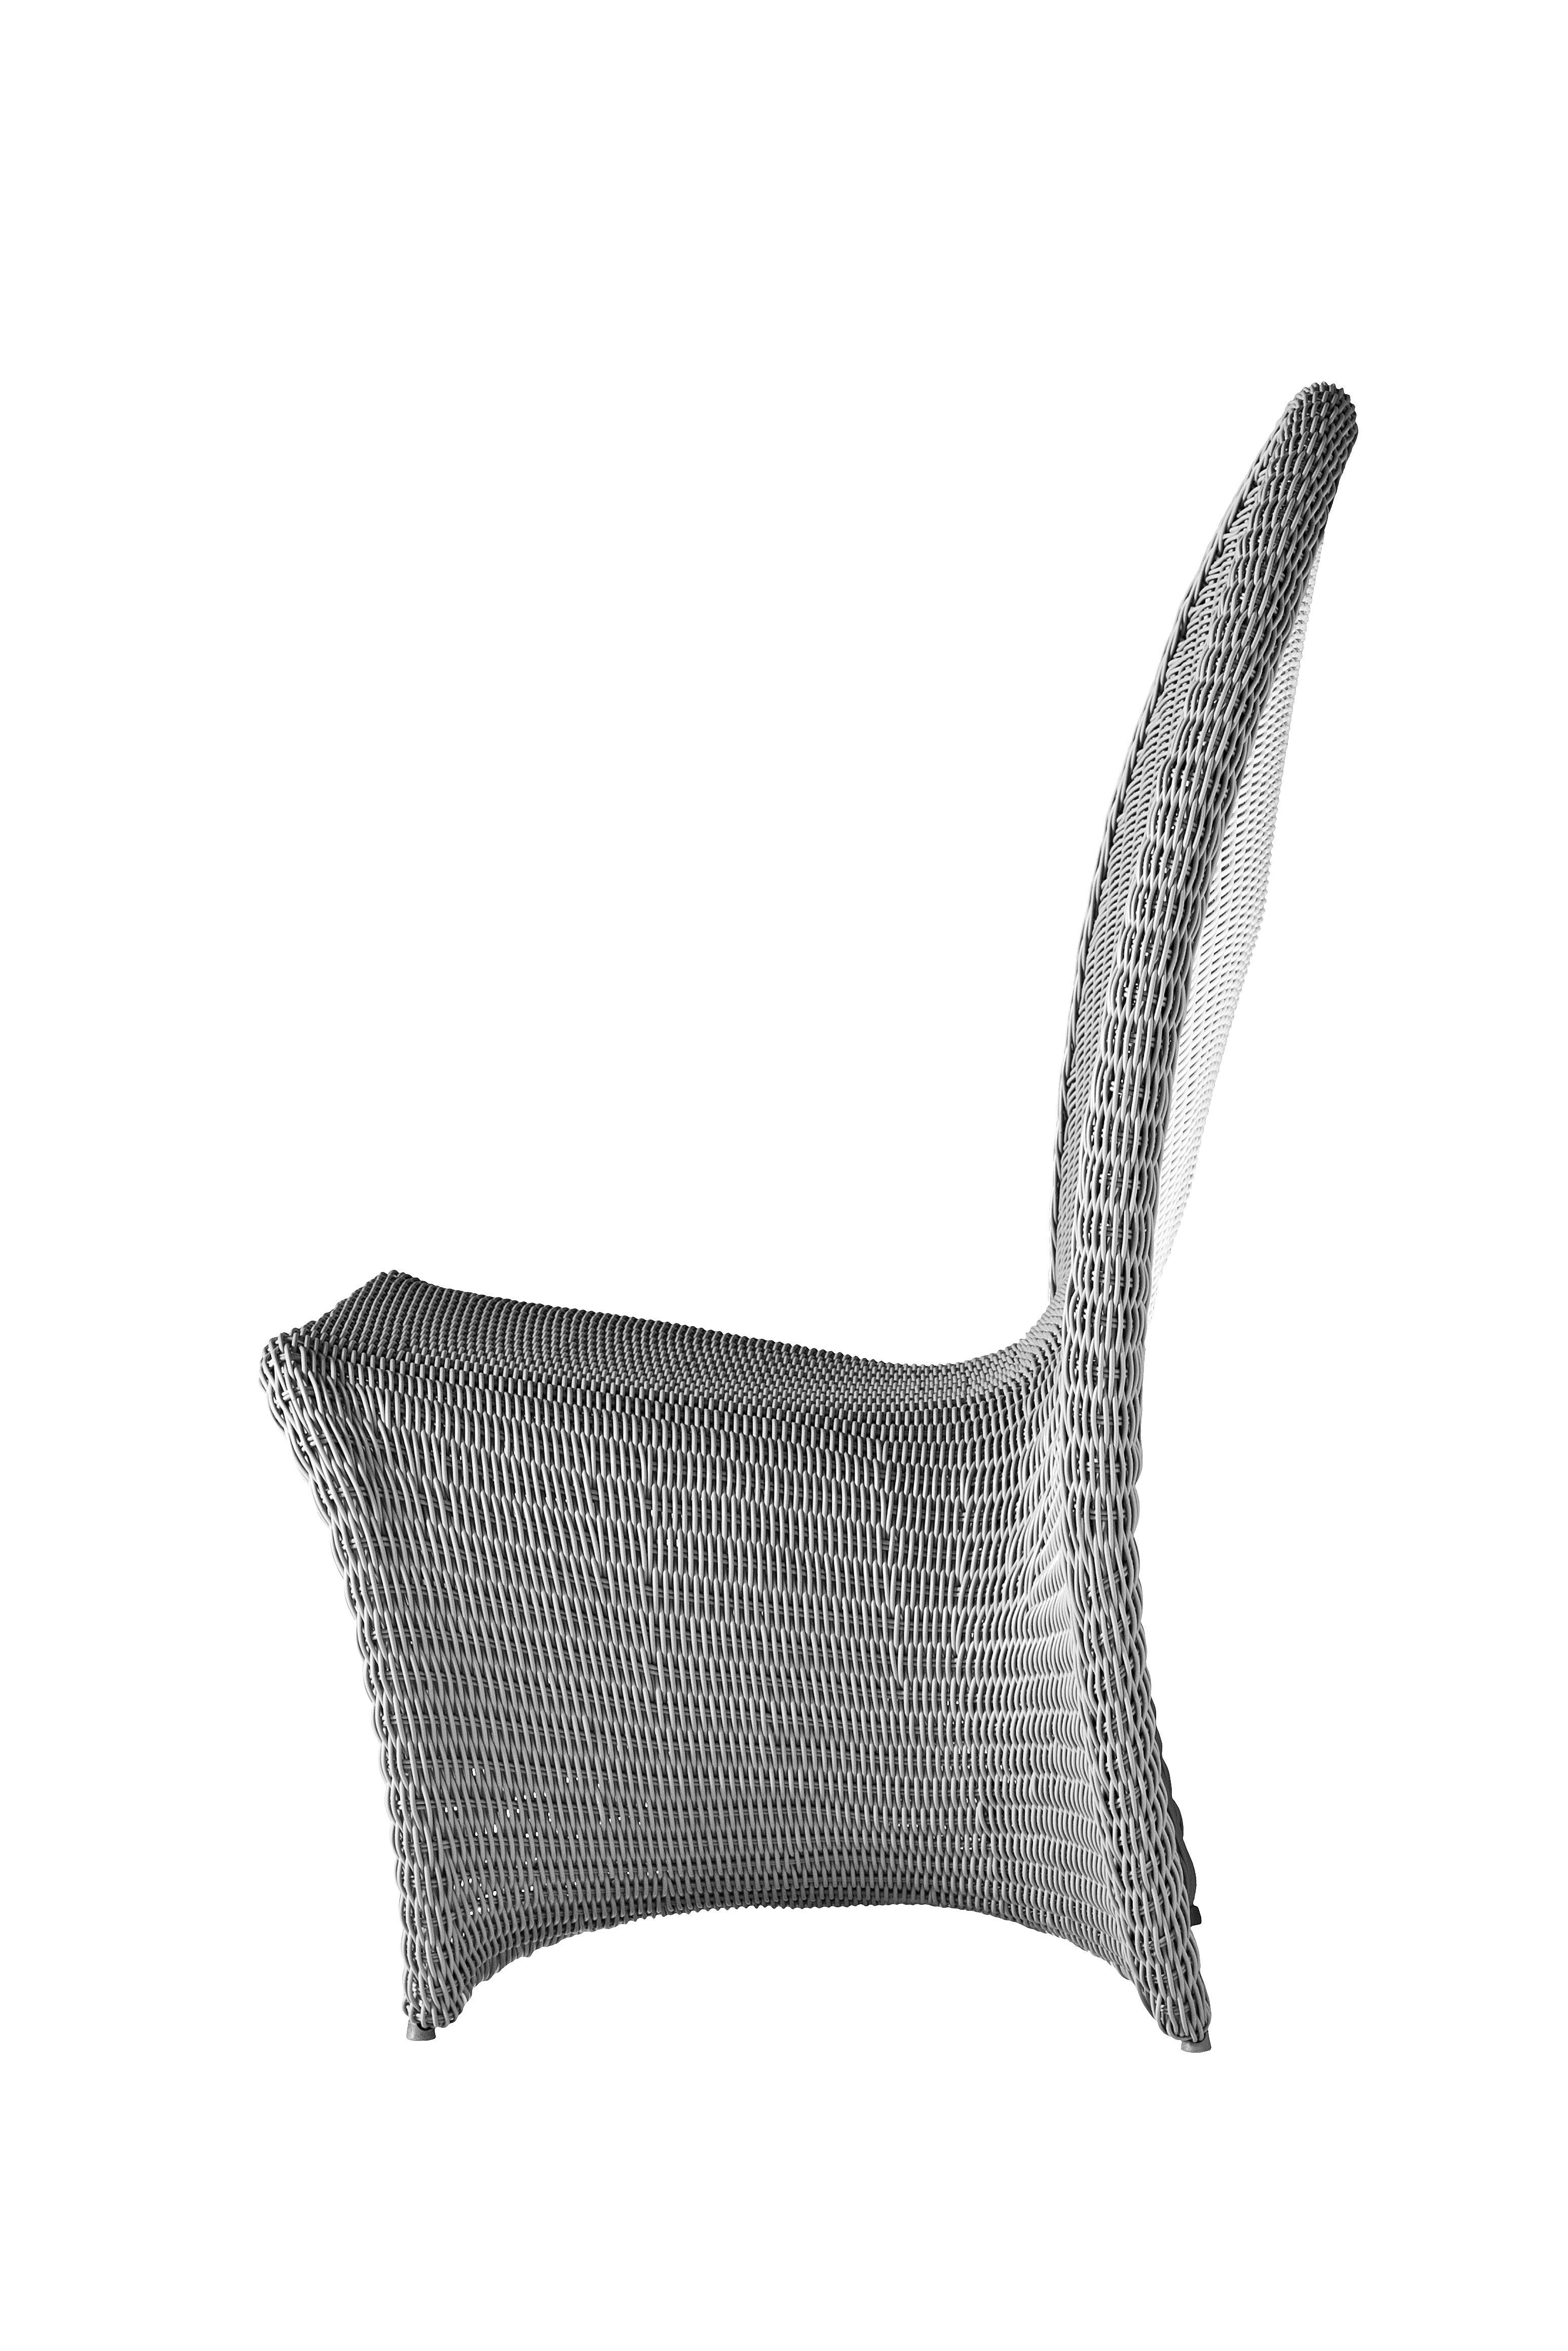 Fauteuil 36 h ext rieur gris int rieur blanc driade for Fauteuil exterieur gris